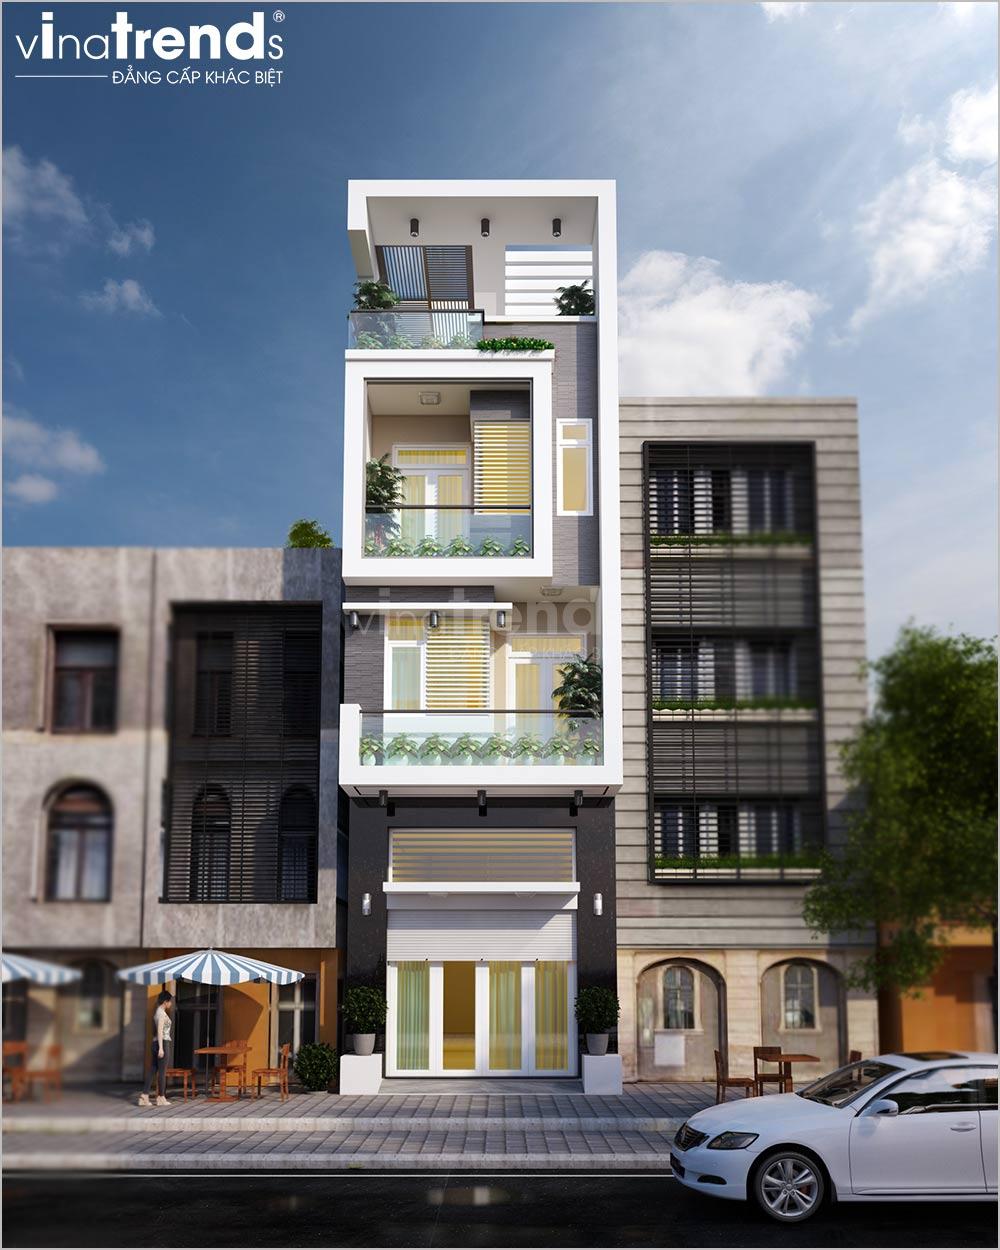 mau nha ong mat tien 45m 4 tang hien dai dep 2 2 Mẫu nhà phố mặt tiền 4,5m 4 tầng  dài 18m hiện đại có giếng trời thoáng mát tiện nghi